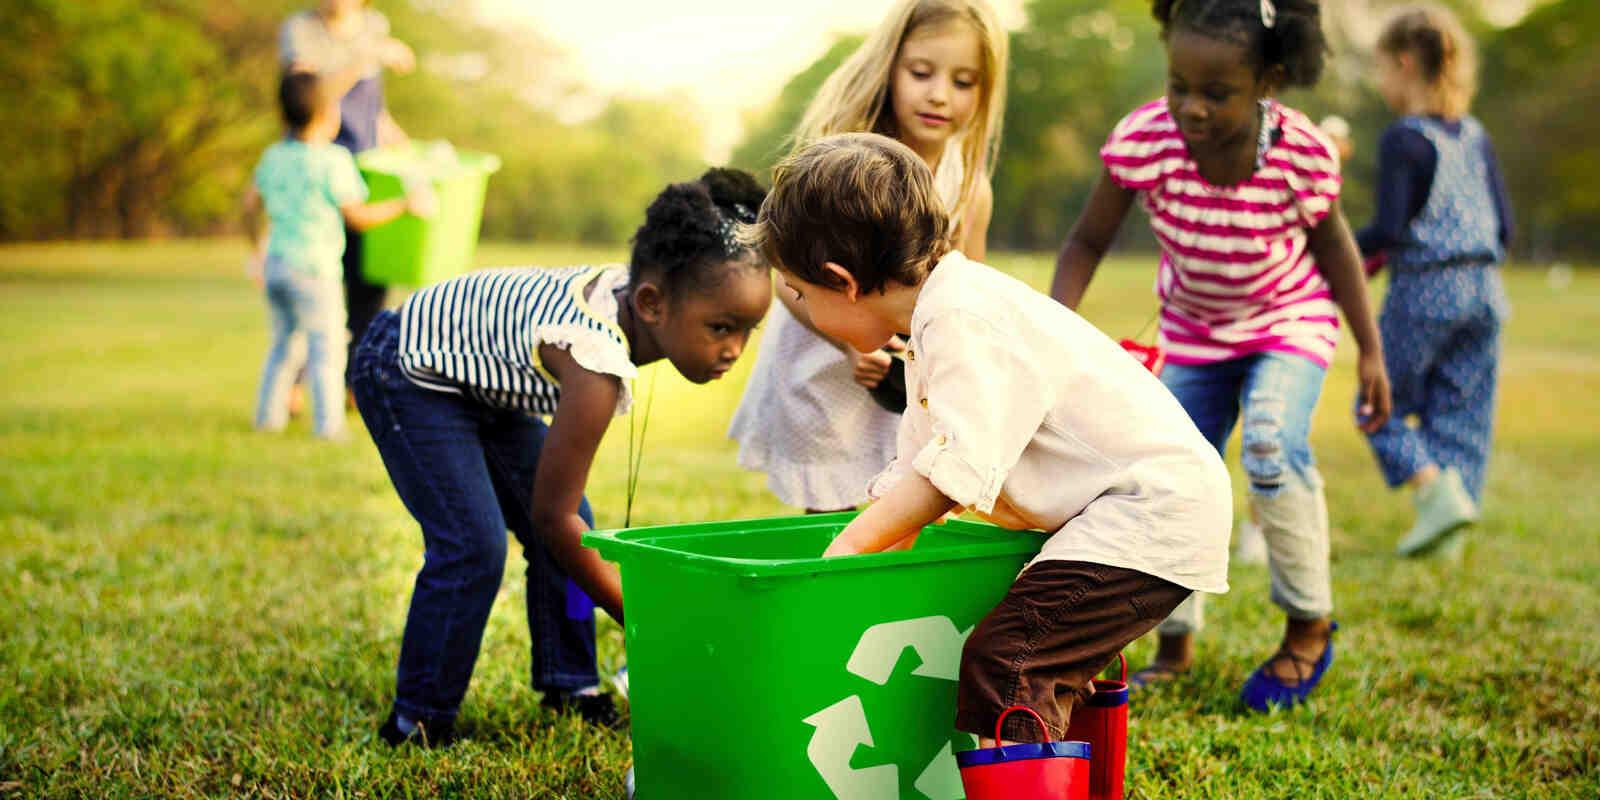 Pourquoi promouvoir le développement durable ?